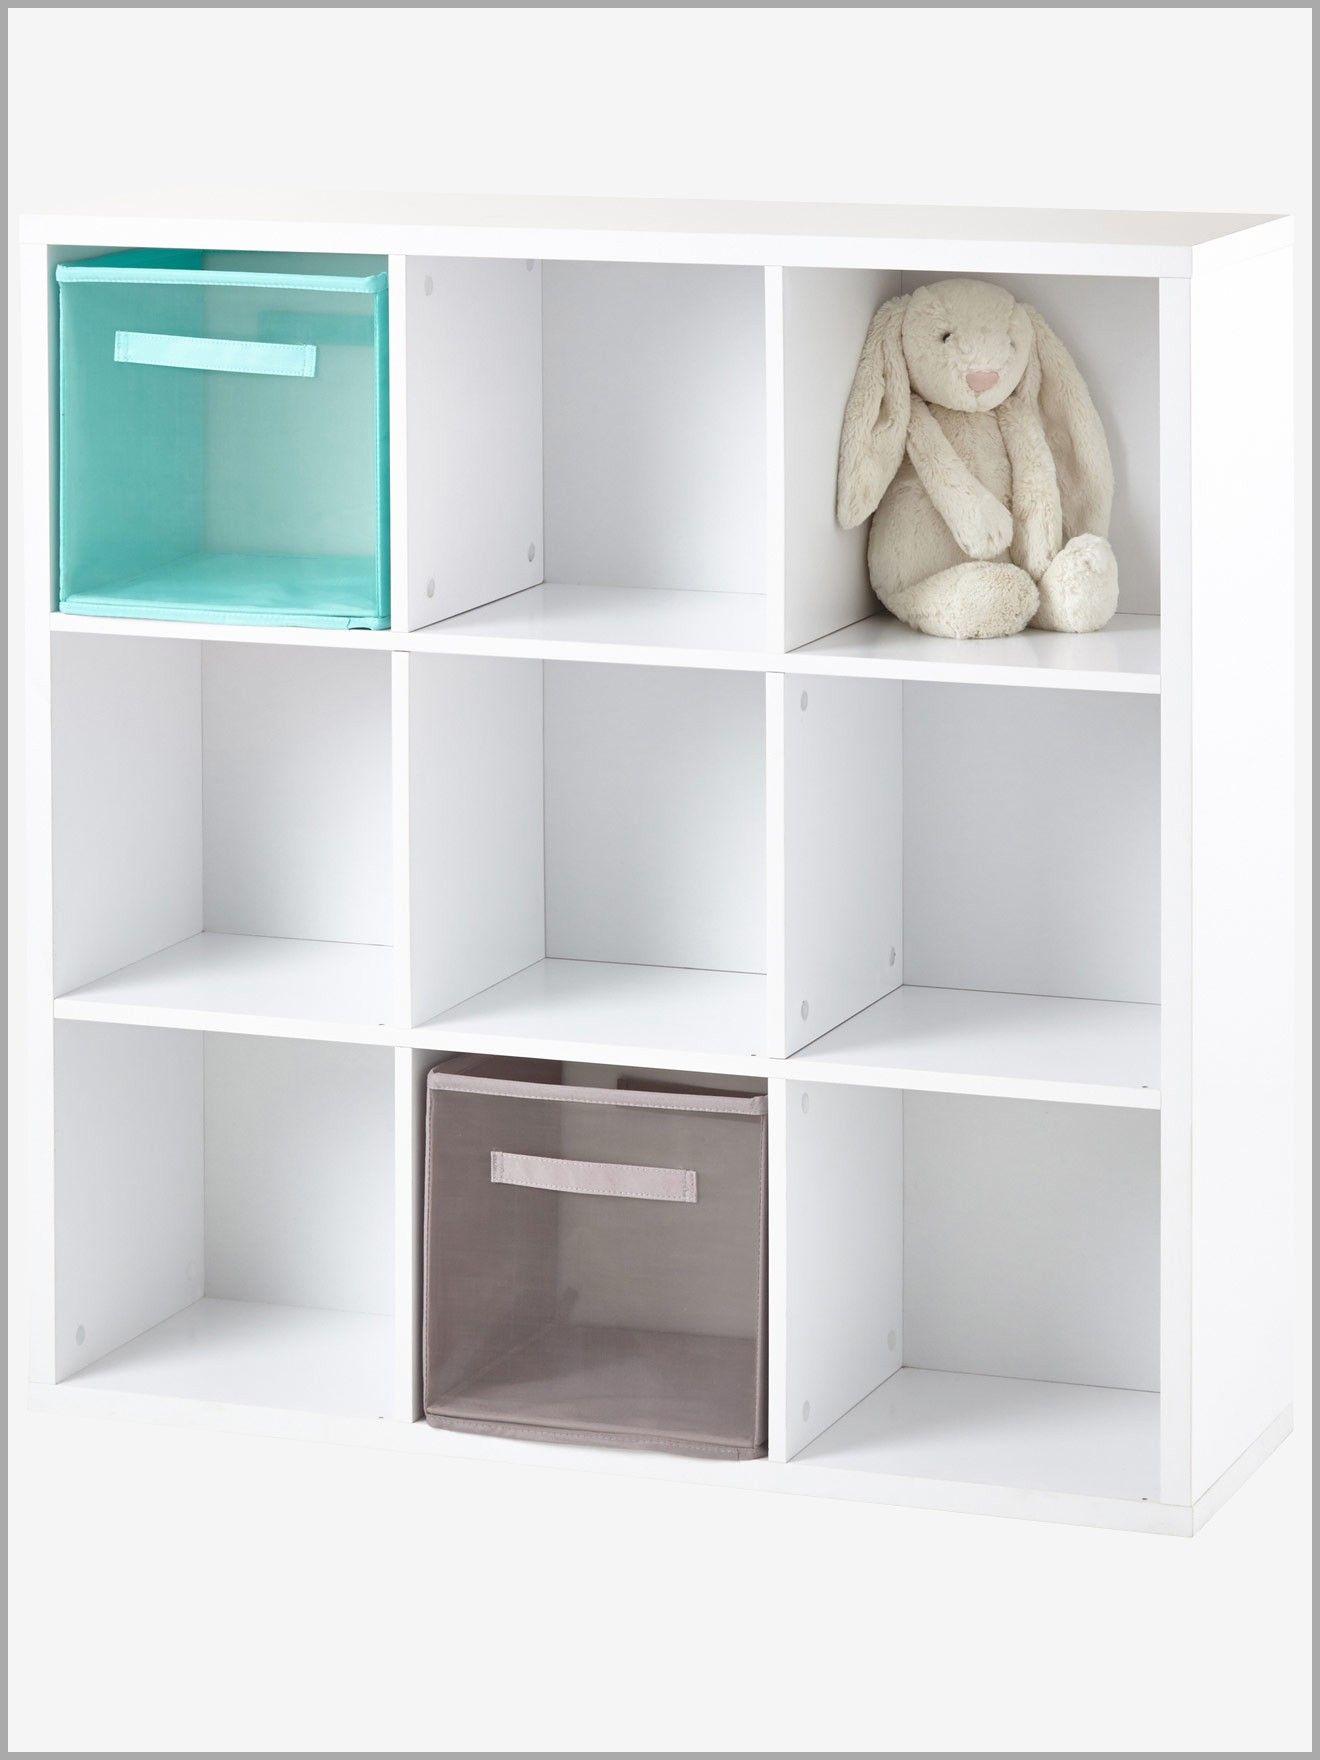 Best Meuble Rangement Chambre Bebe Images Amazing House Deco